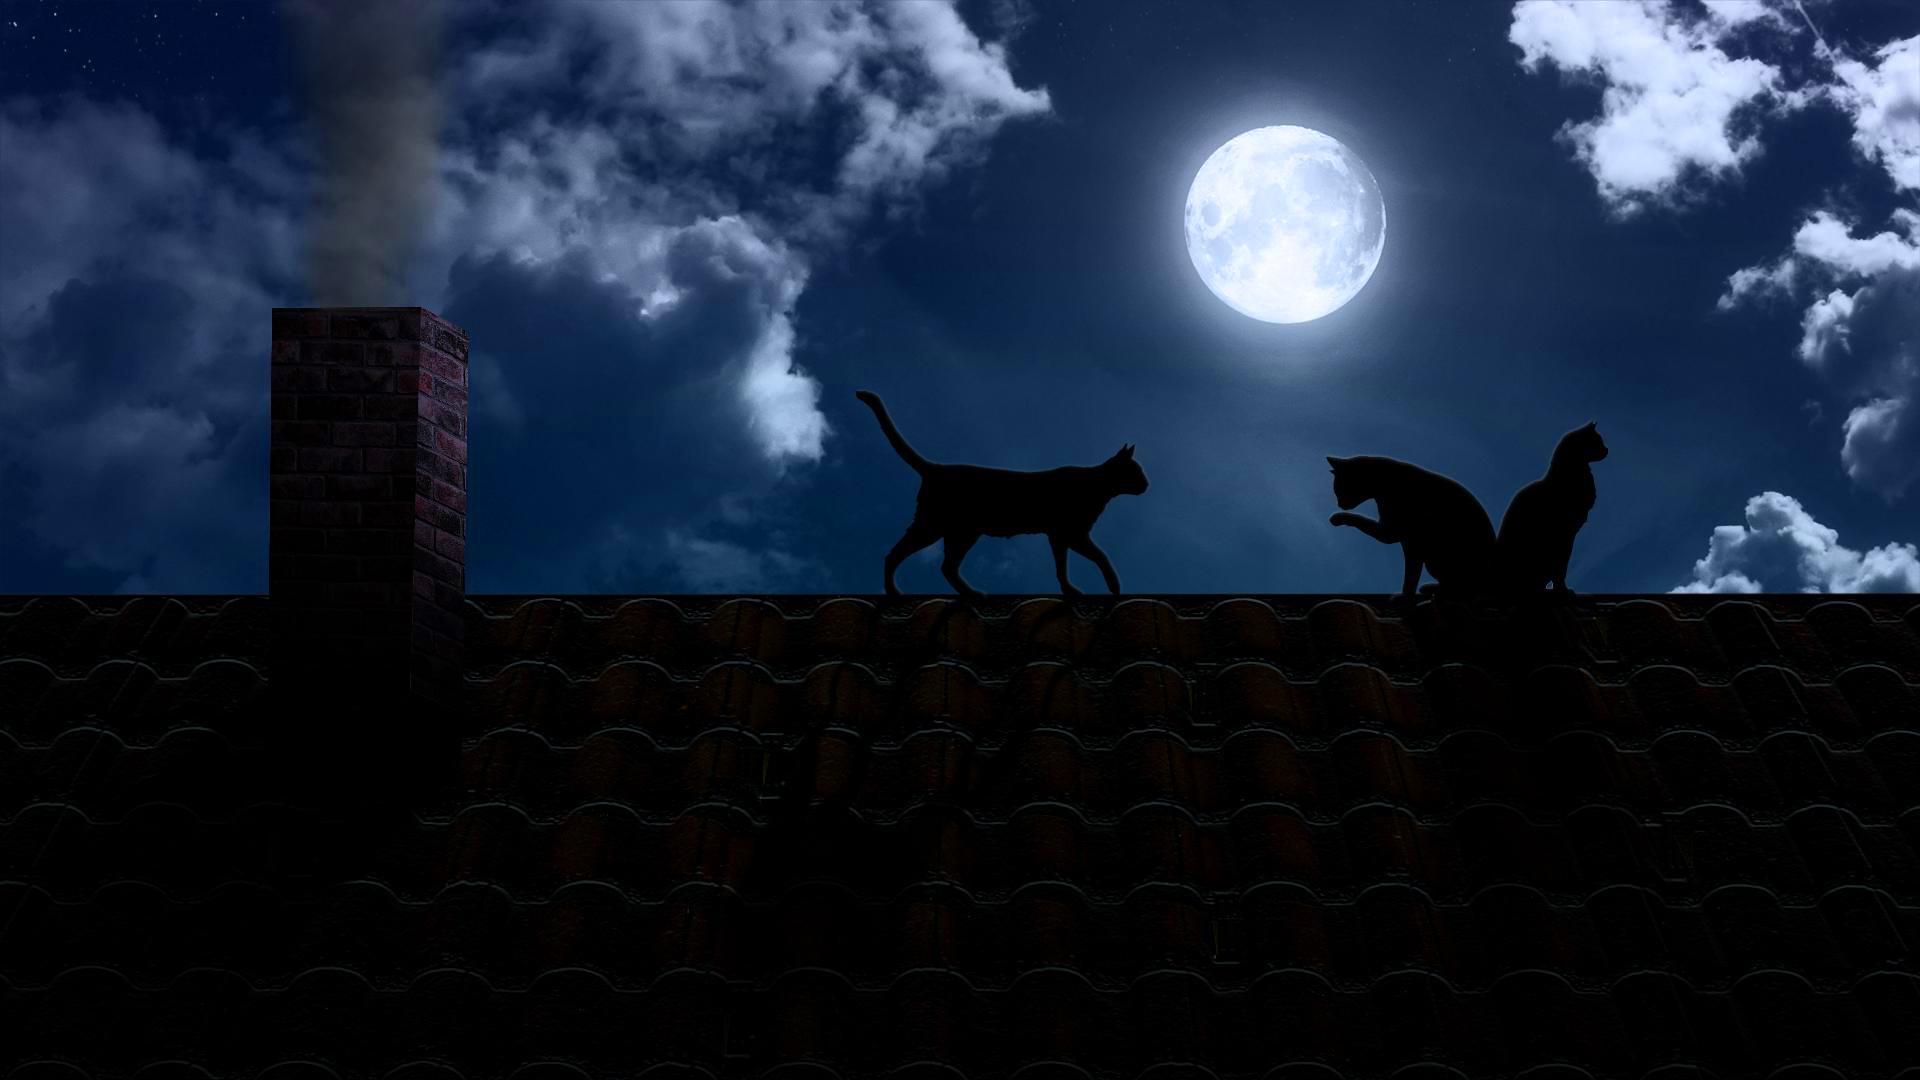 картинки ночь крыша луна новому дню